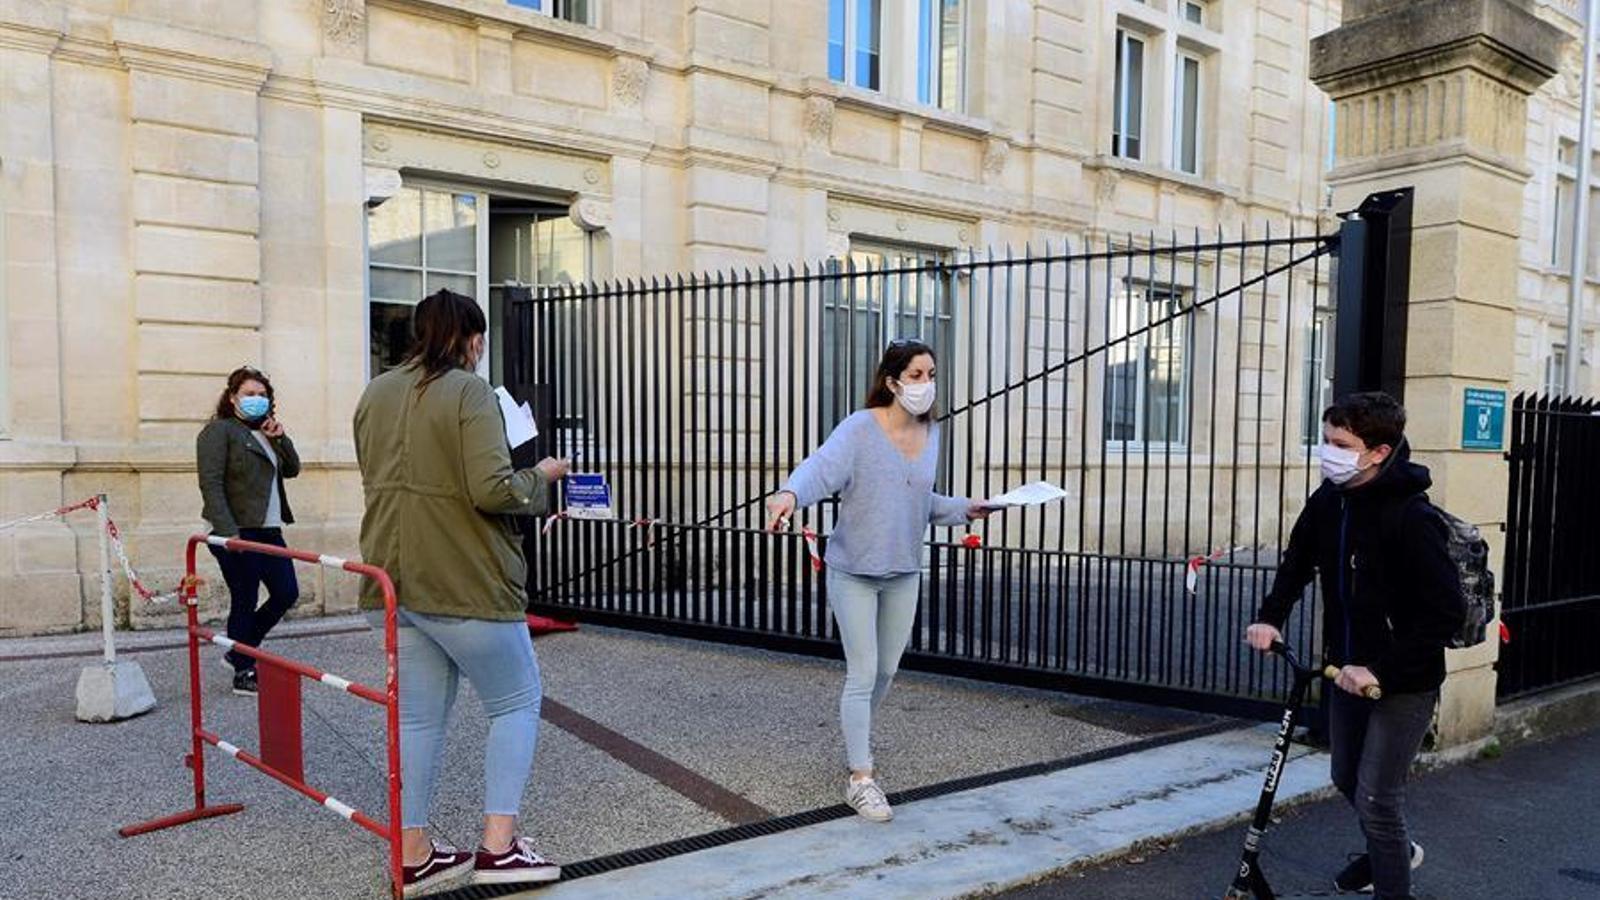 La supervisora d'una escola de Bordeus donant indicacions a un alumne, a la porta del centre en el primer dia de reinici del curs escolar